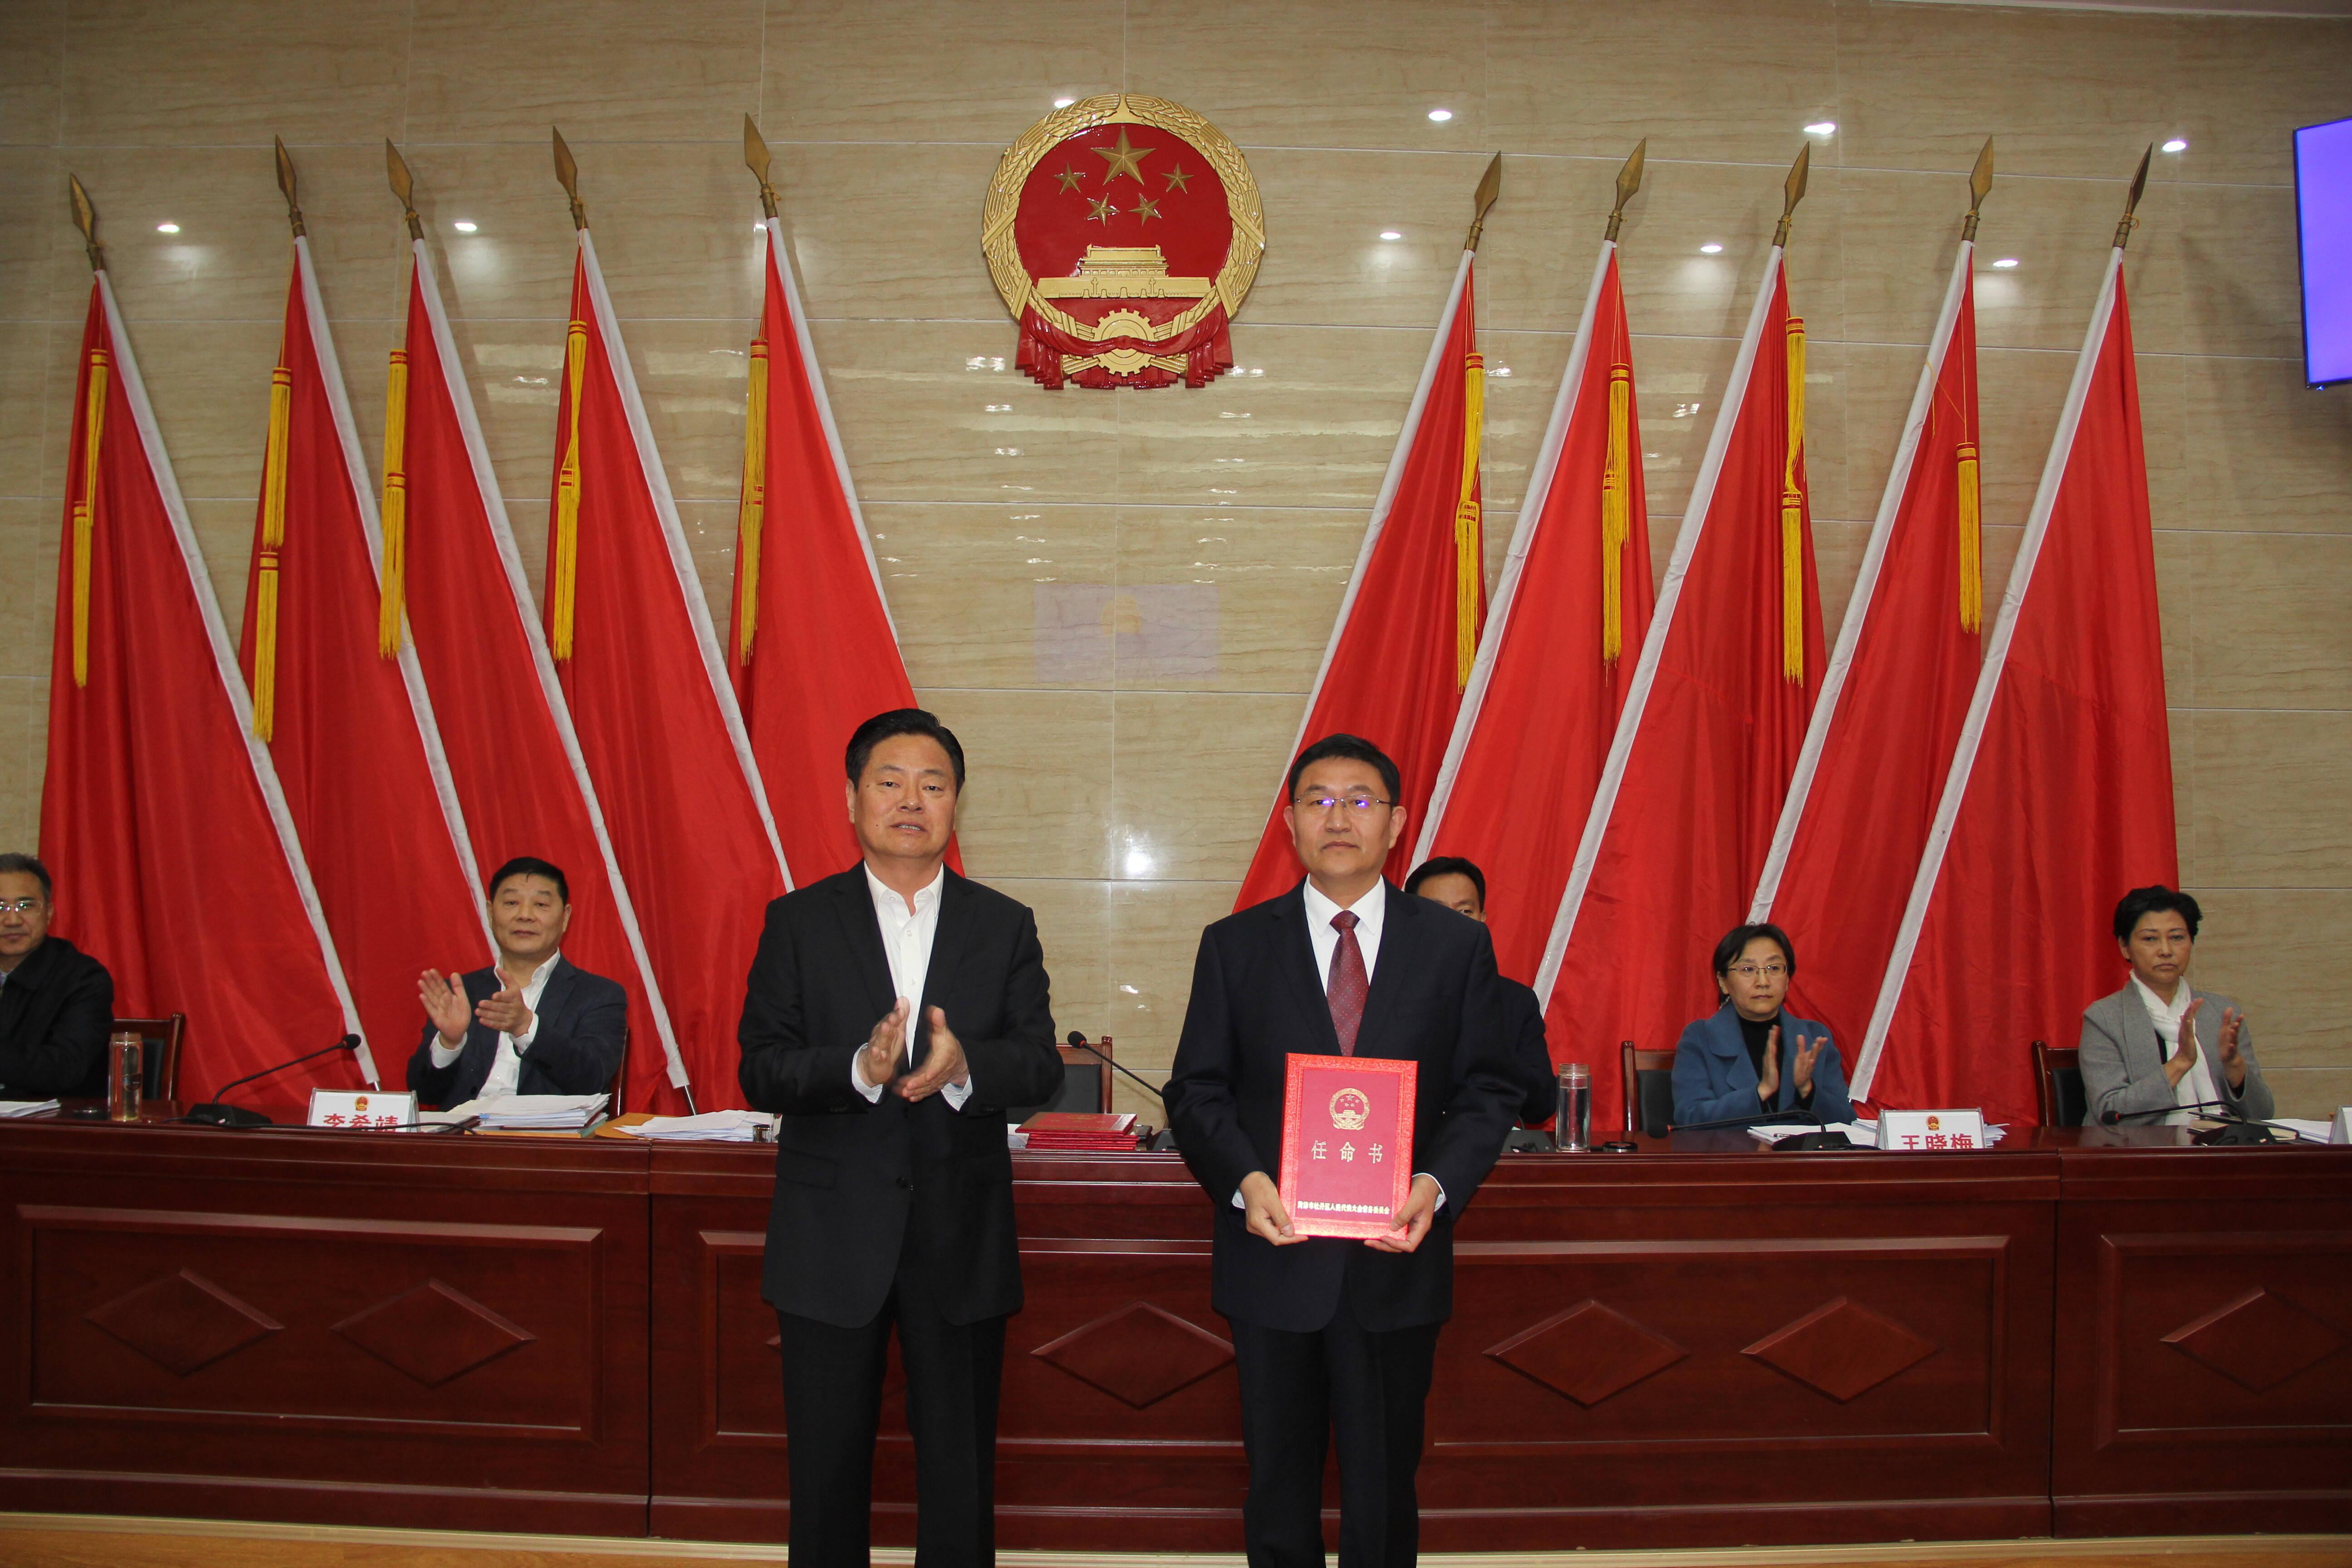 尹茂林被任命为牡丹区副区长、代理区长